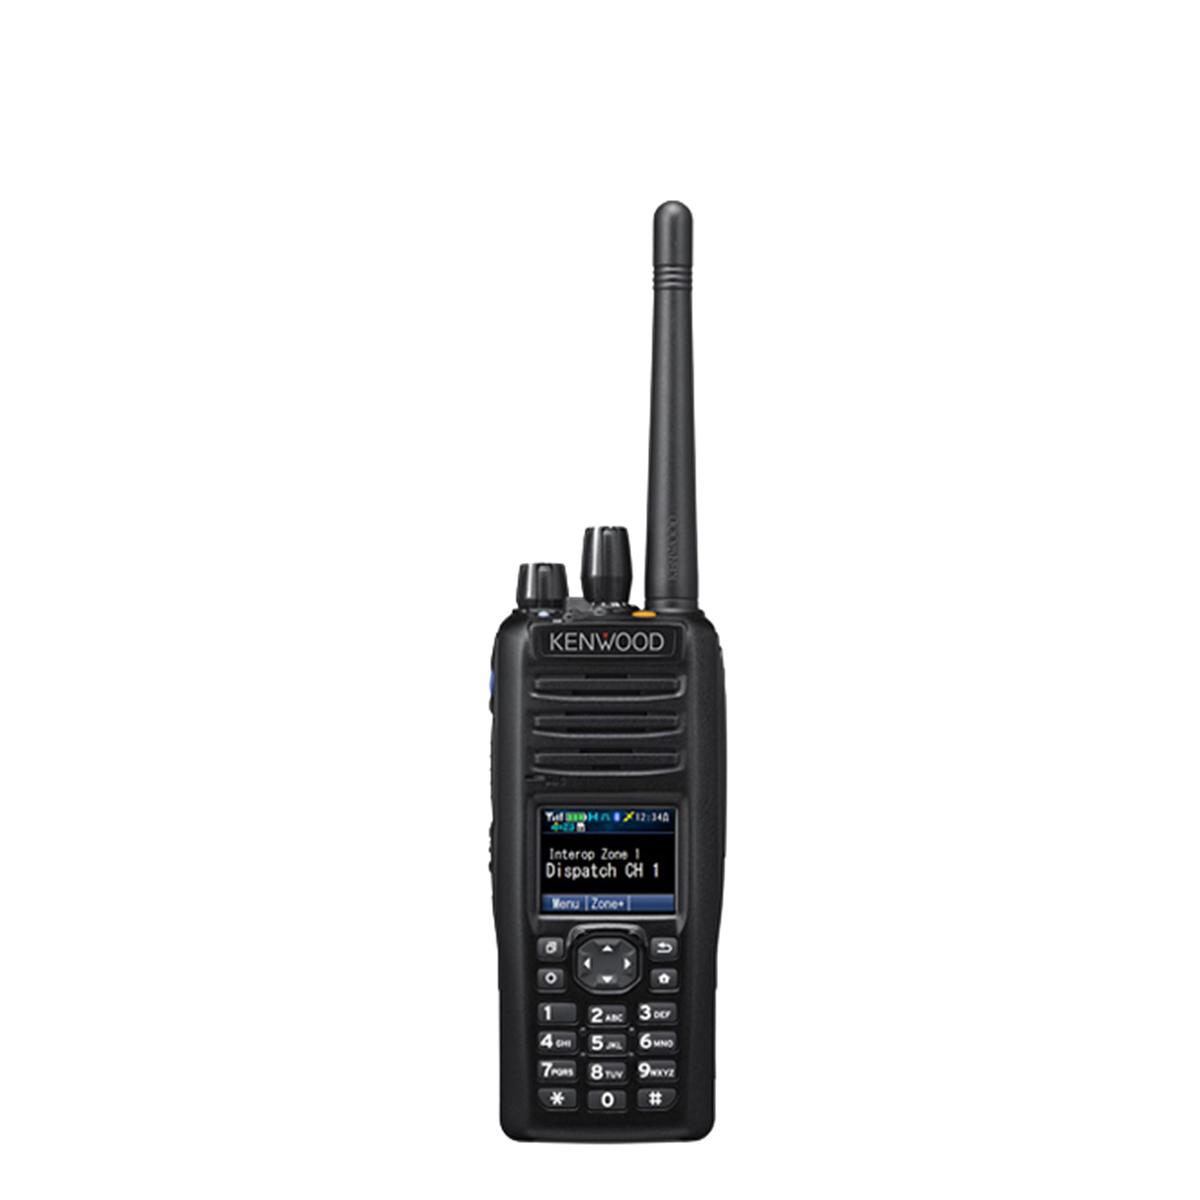 Radio Kenwood Digital NX-5400 700/800 MHz con teclado completo